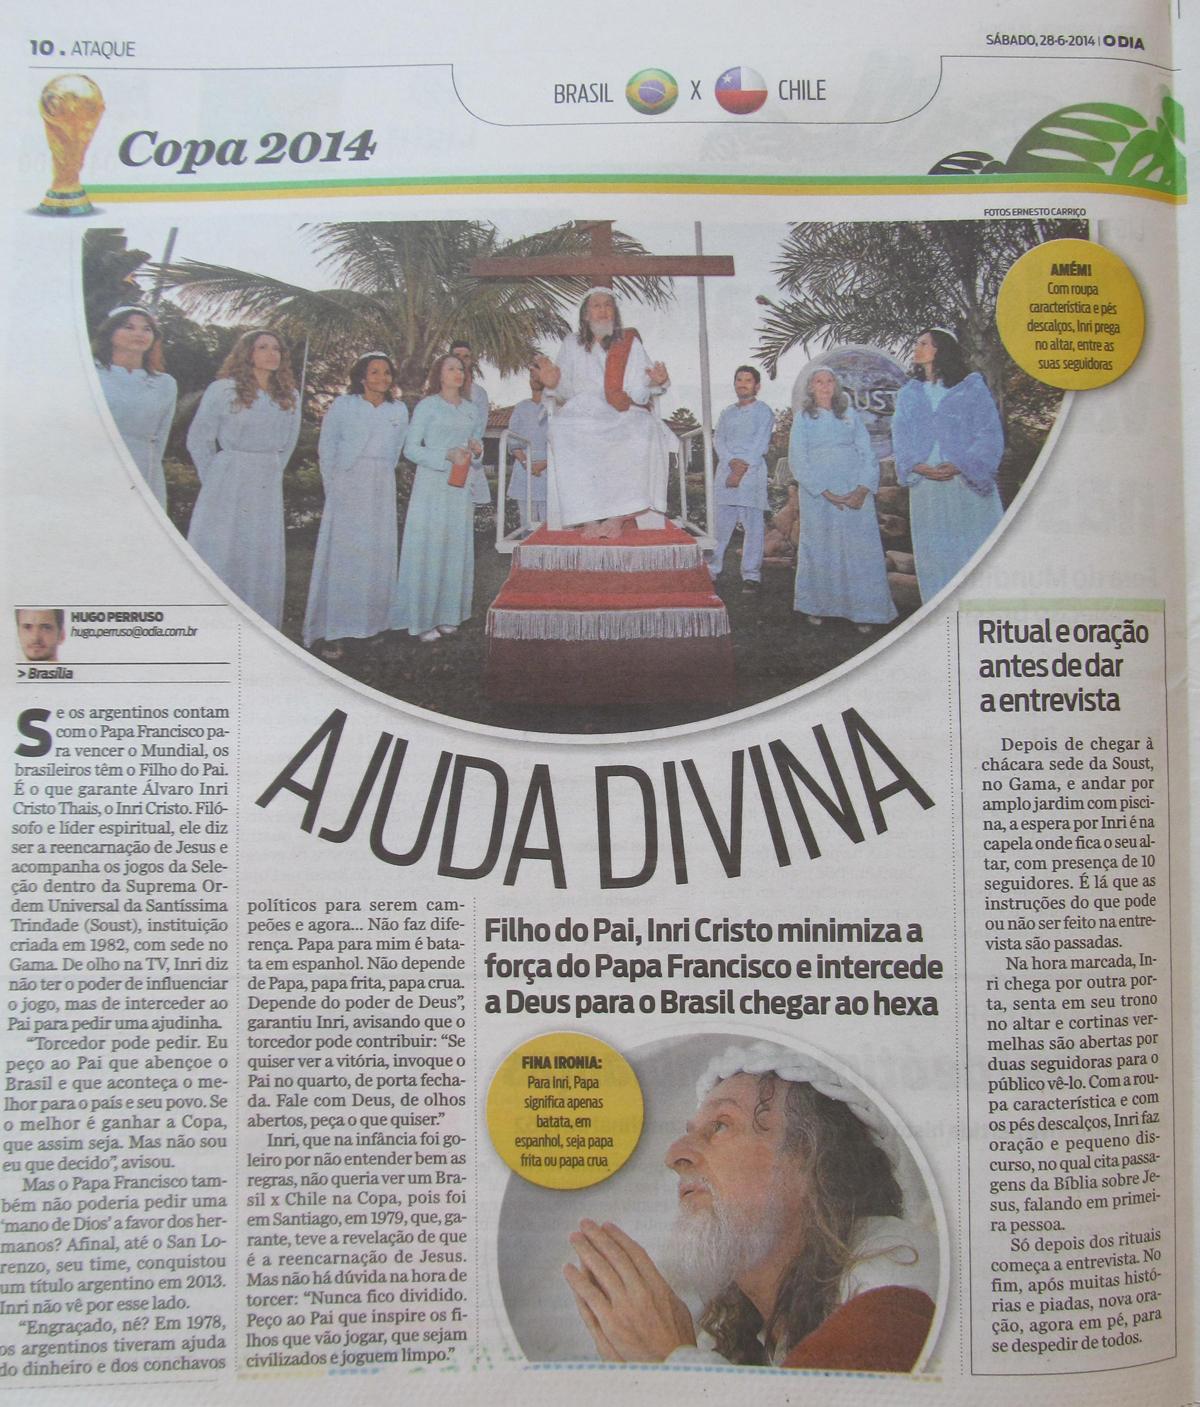 jornal-o-dia-28-06-2014